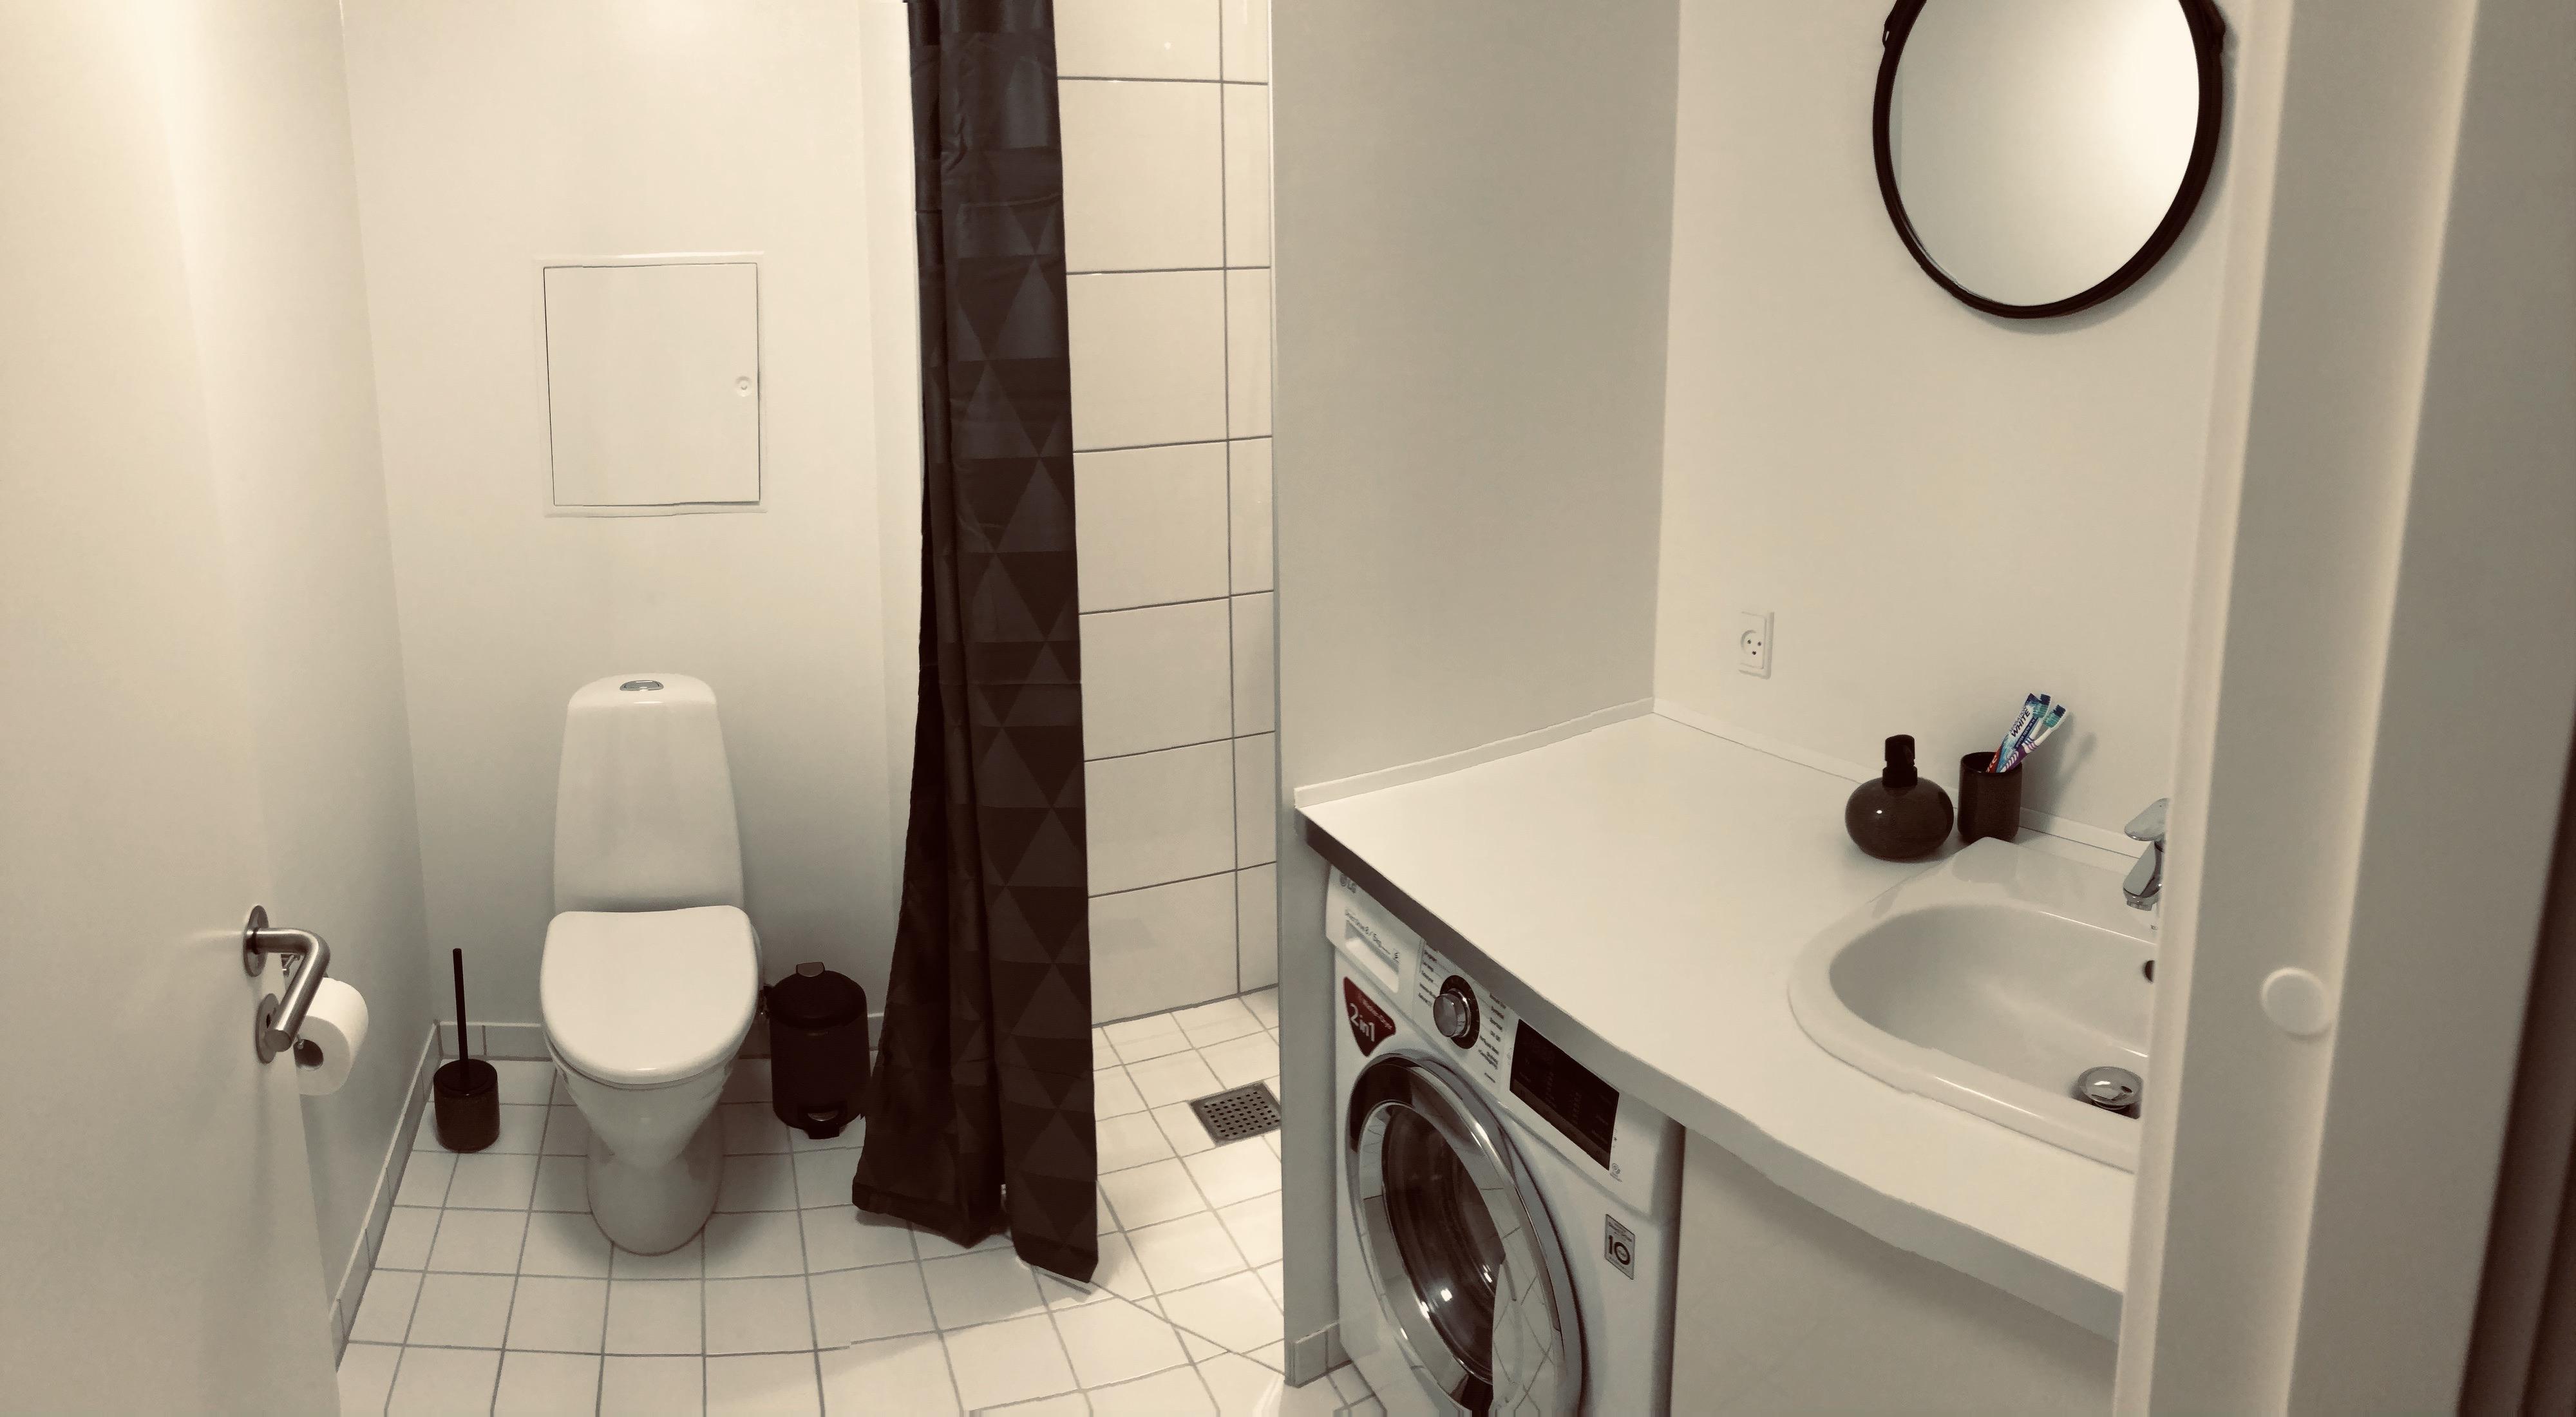 Rummeligt badeværelse